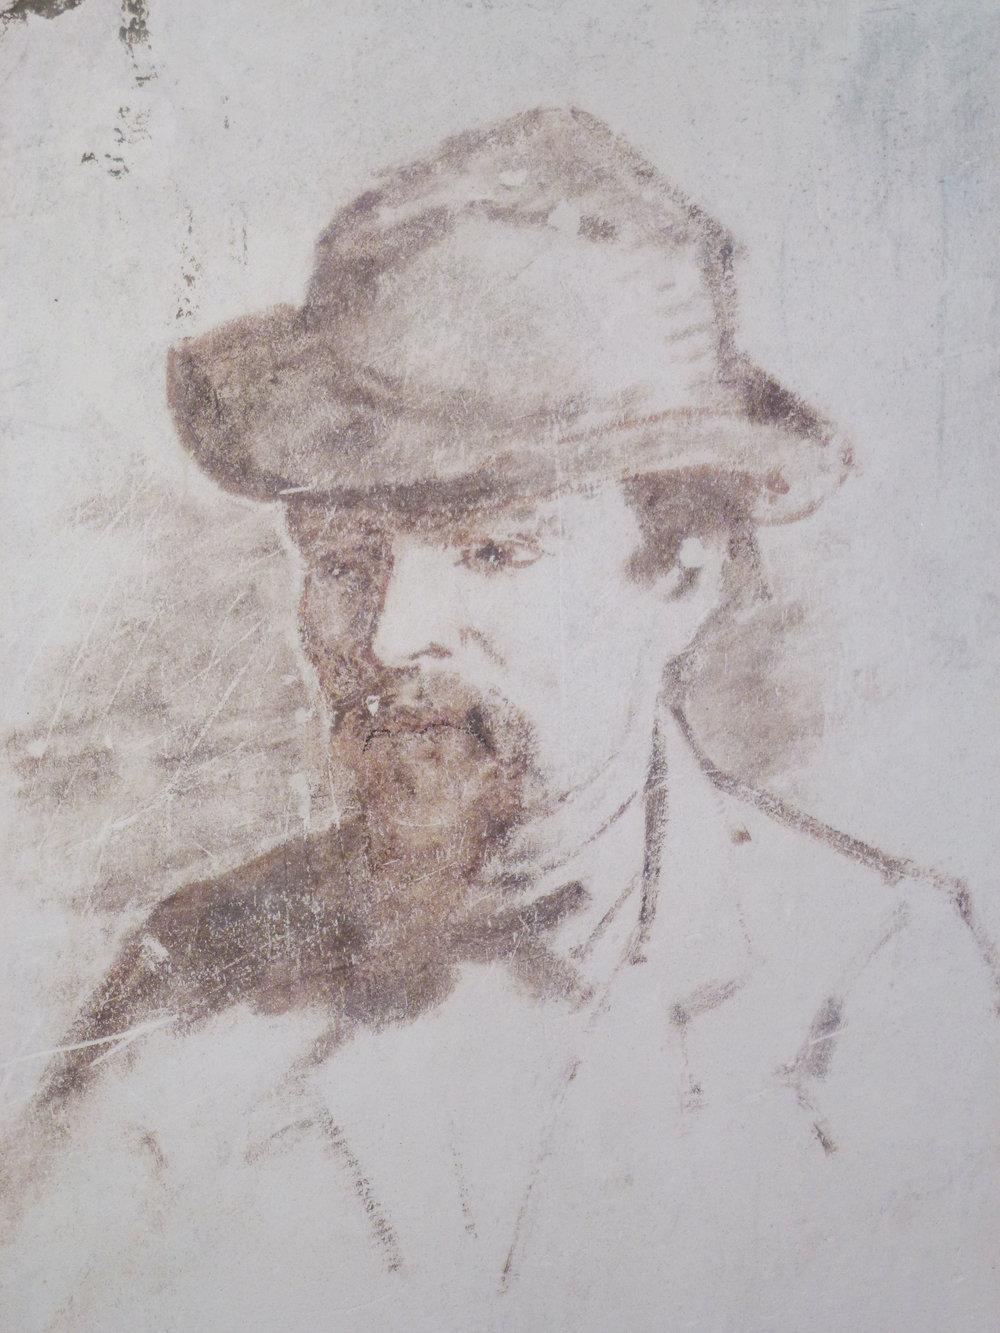 Graffiti sur l'un des murs de l'Auberge Ganne,musée de l'École de peinture de Barbizon